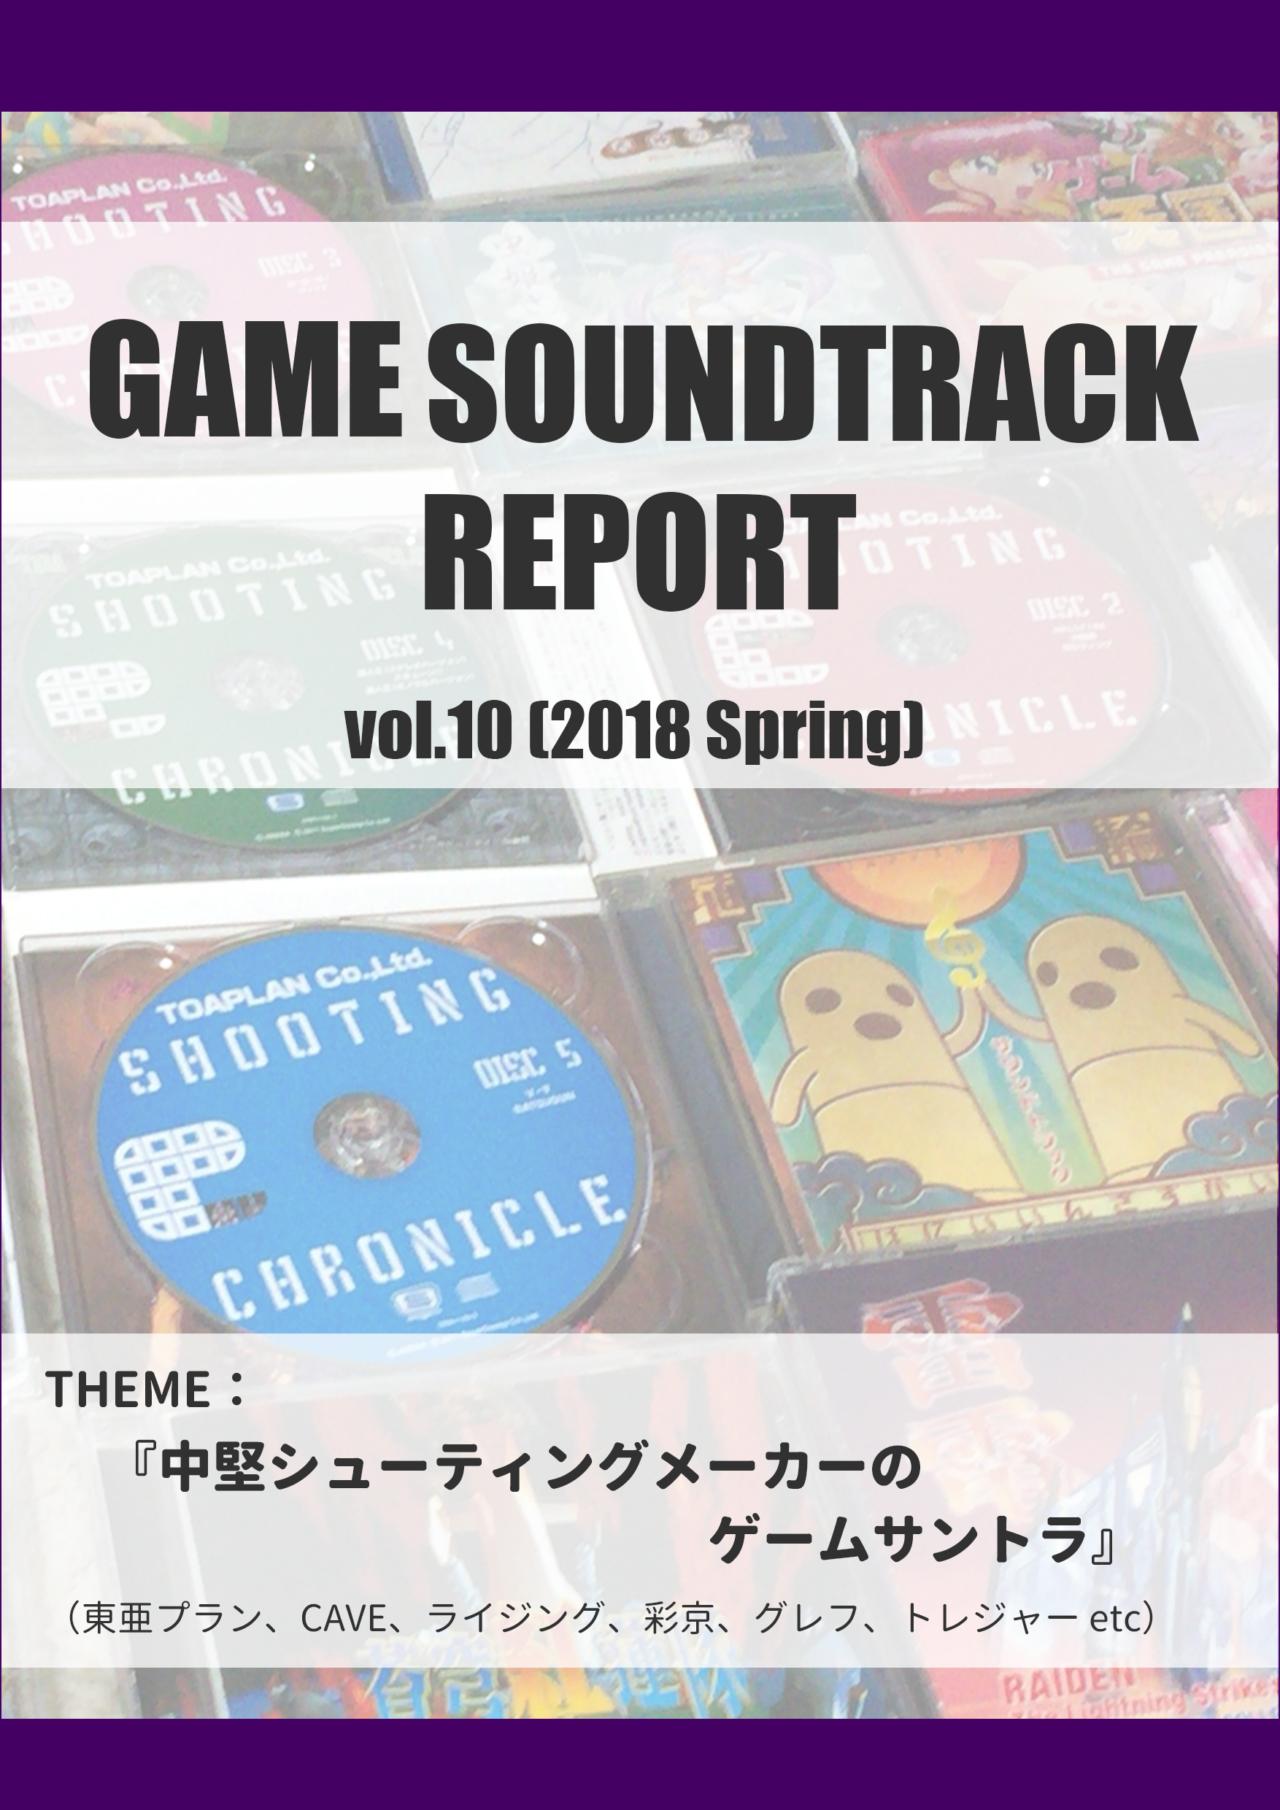 GAME SOUNDTRACK REPORT Vol.10